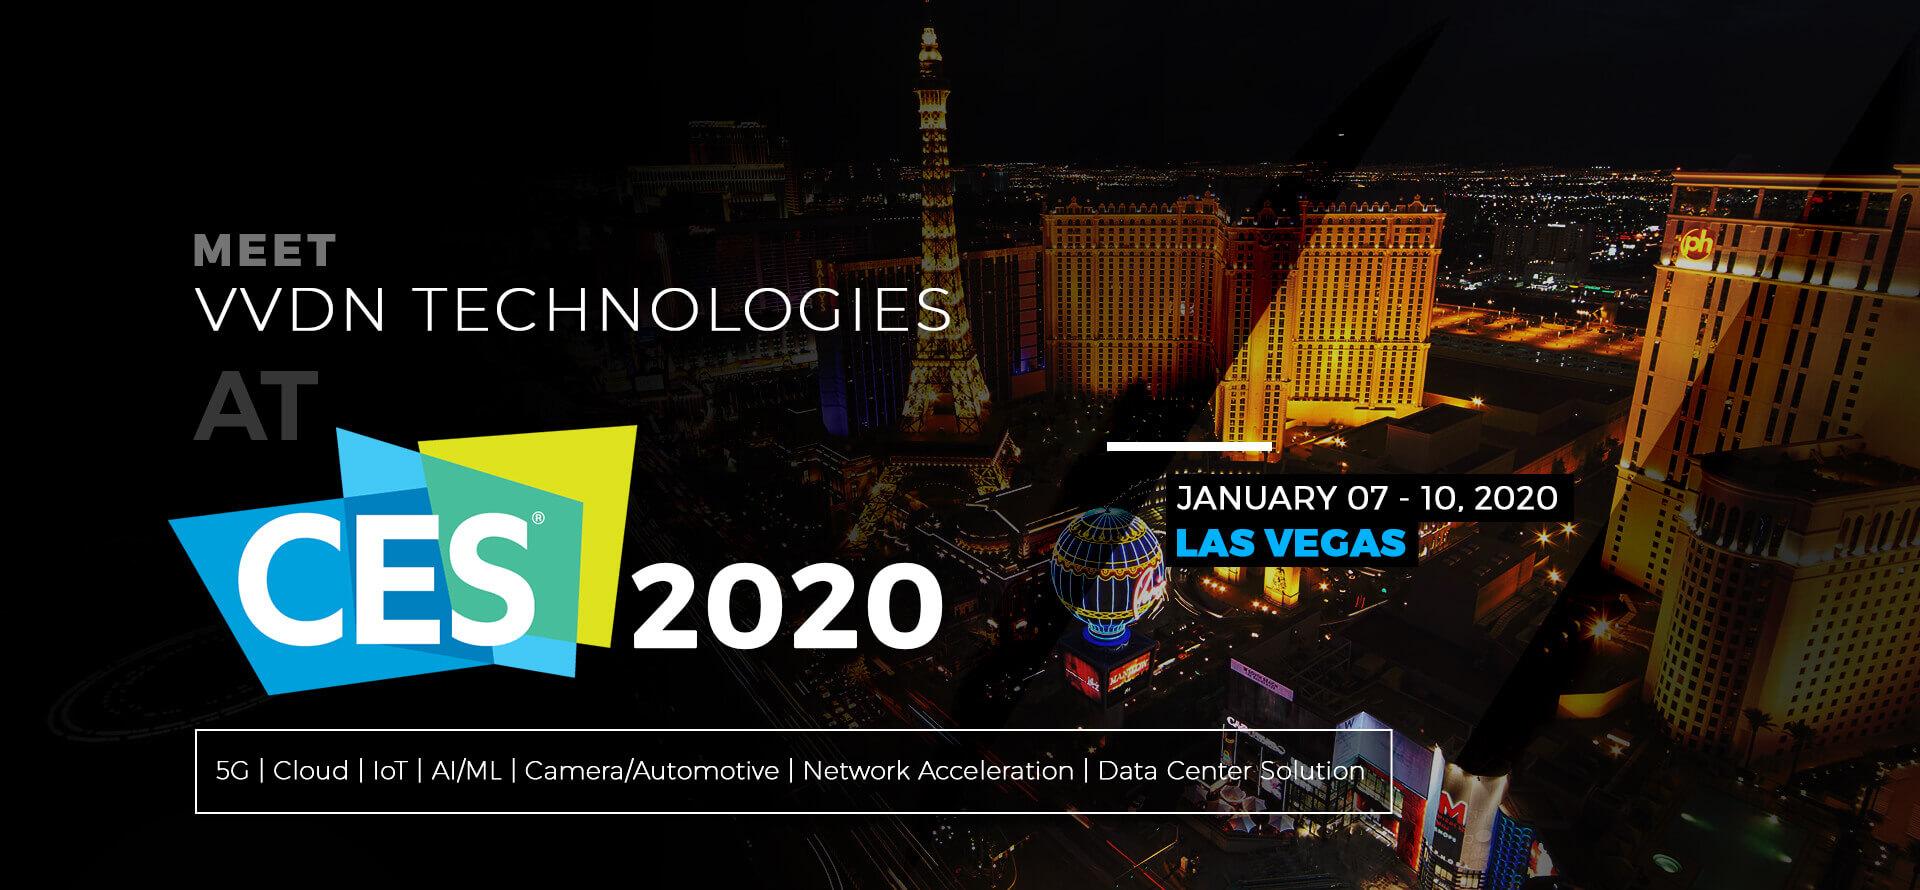 Meet VVDN TECHNOLOGIES AT CES 2020